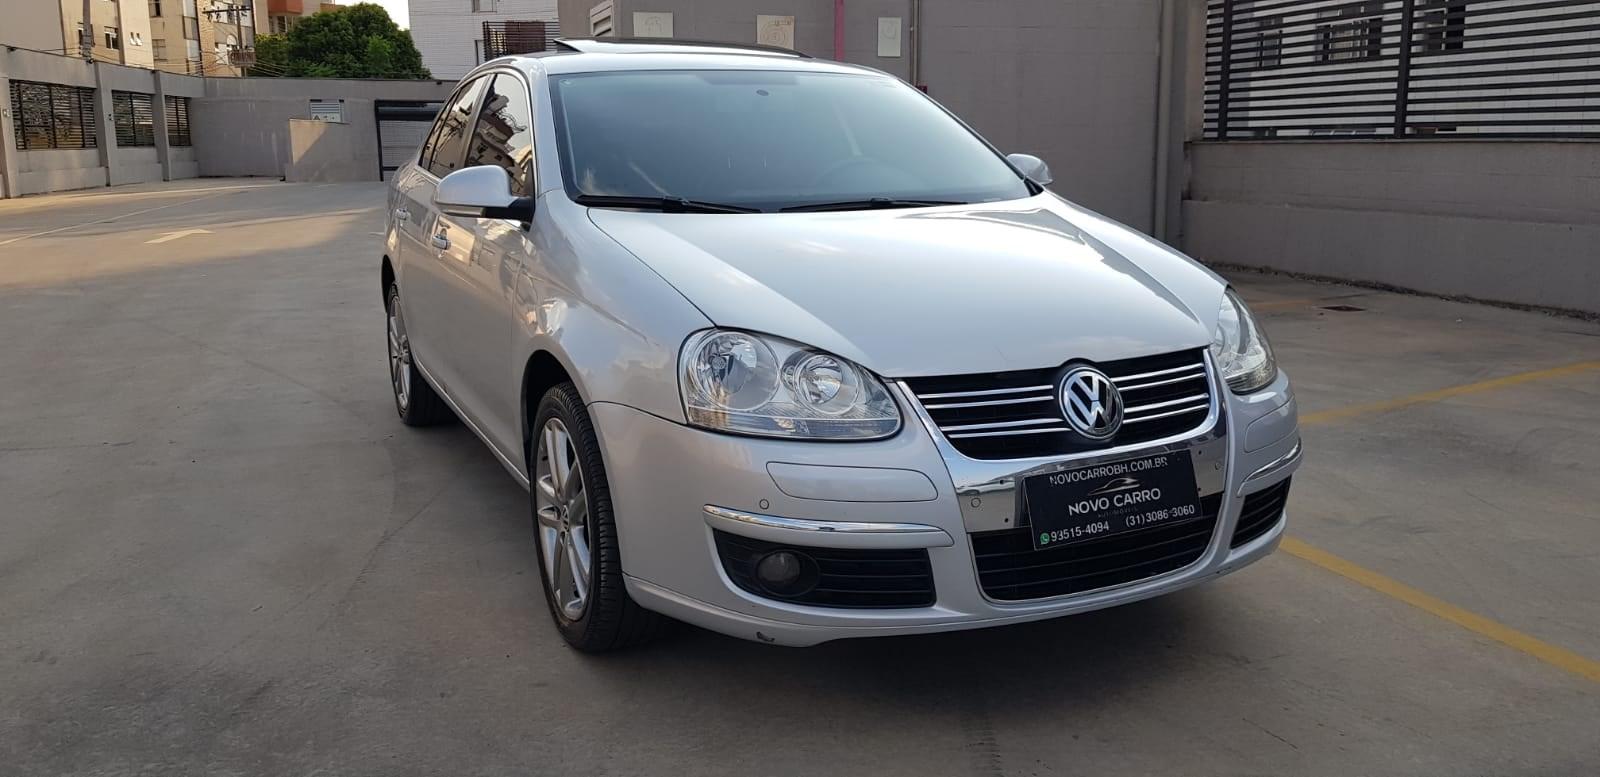 //www.autoline.com.br/carro/volkswagen/jetta-25-20v-gasolina-4p-automatico/2009/belo-horizonte-mg/15793965